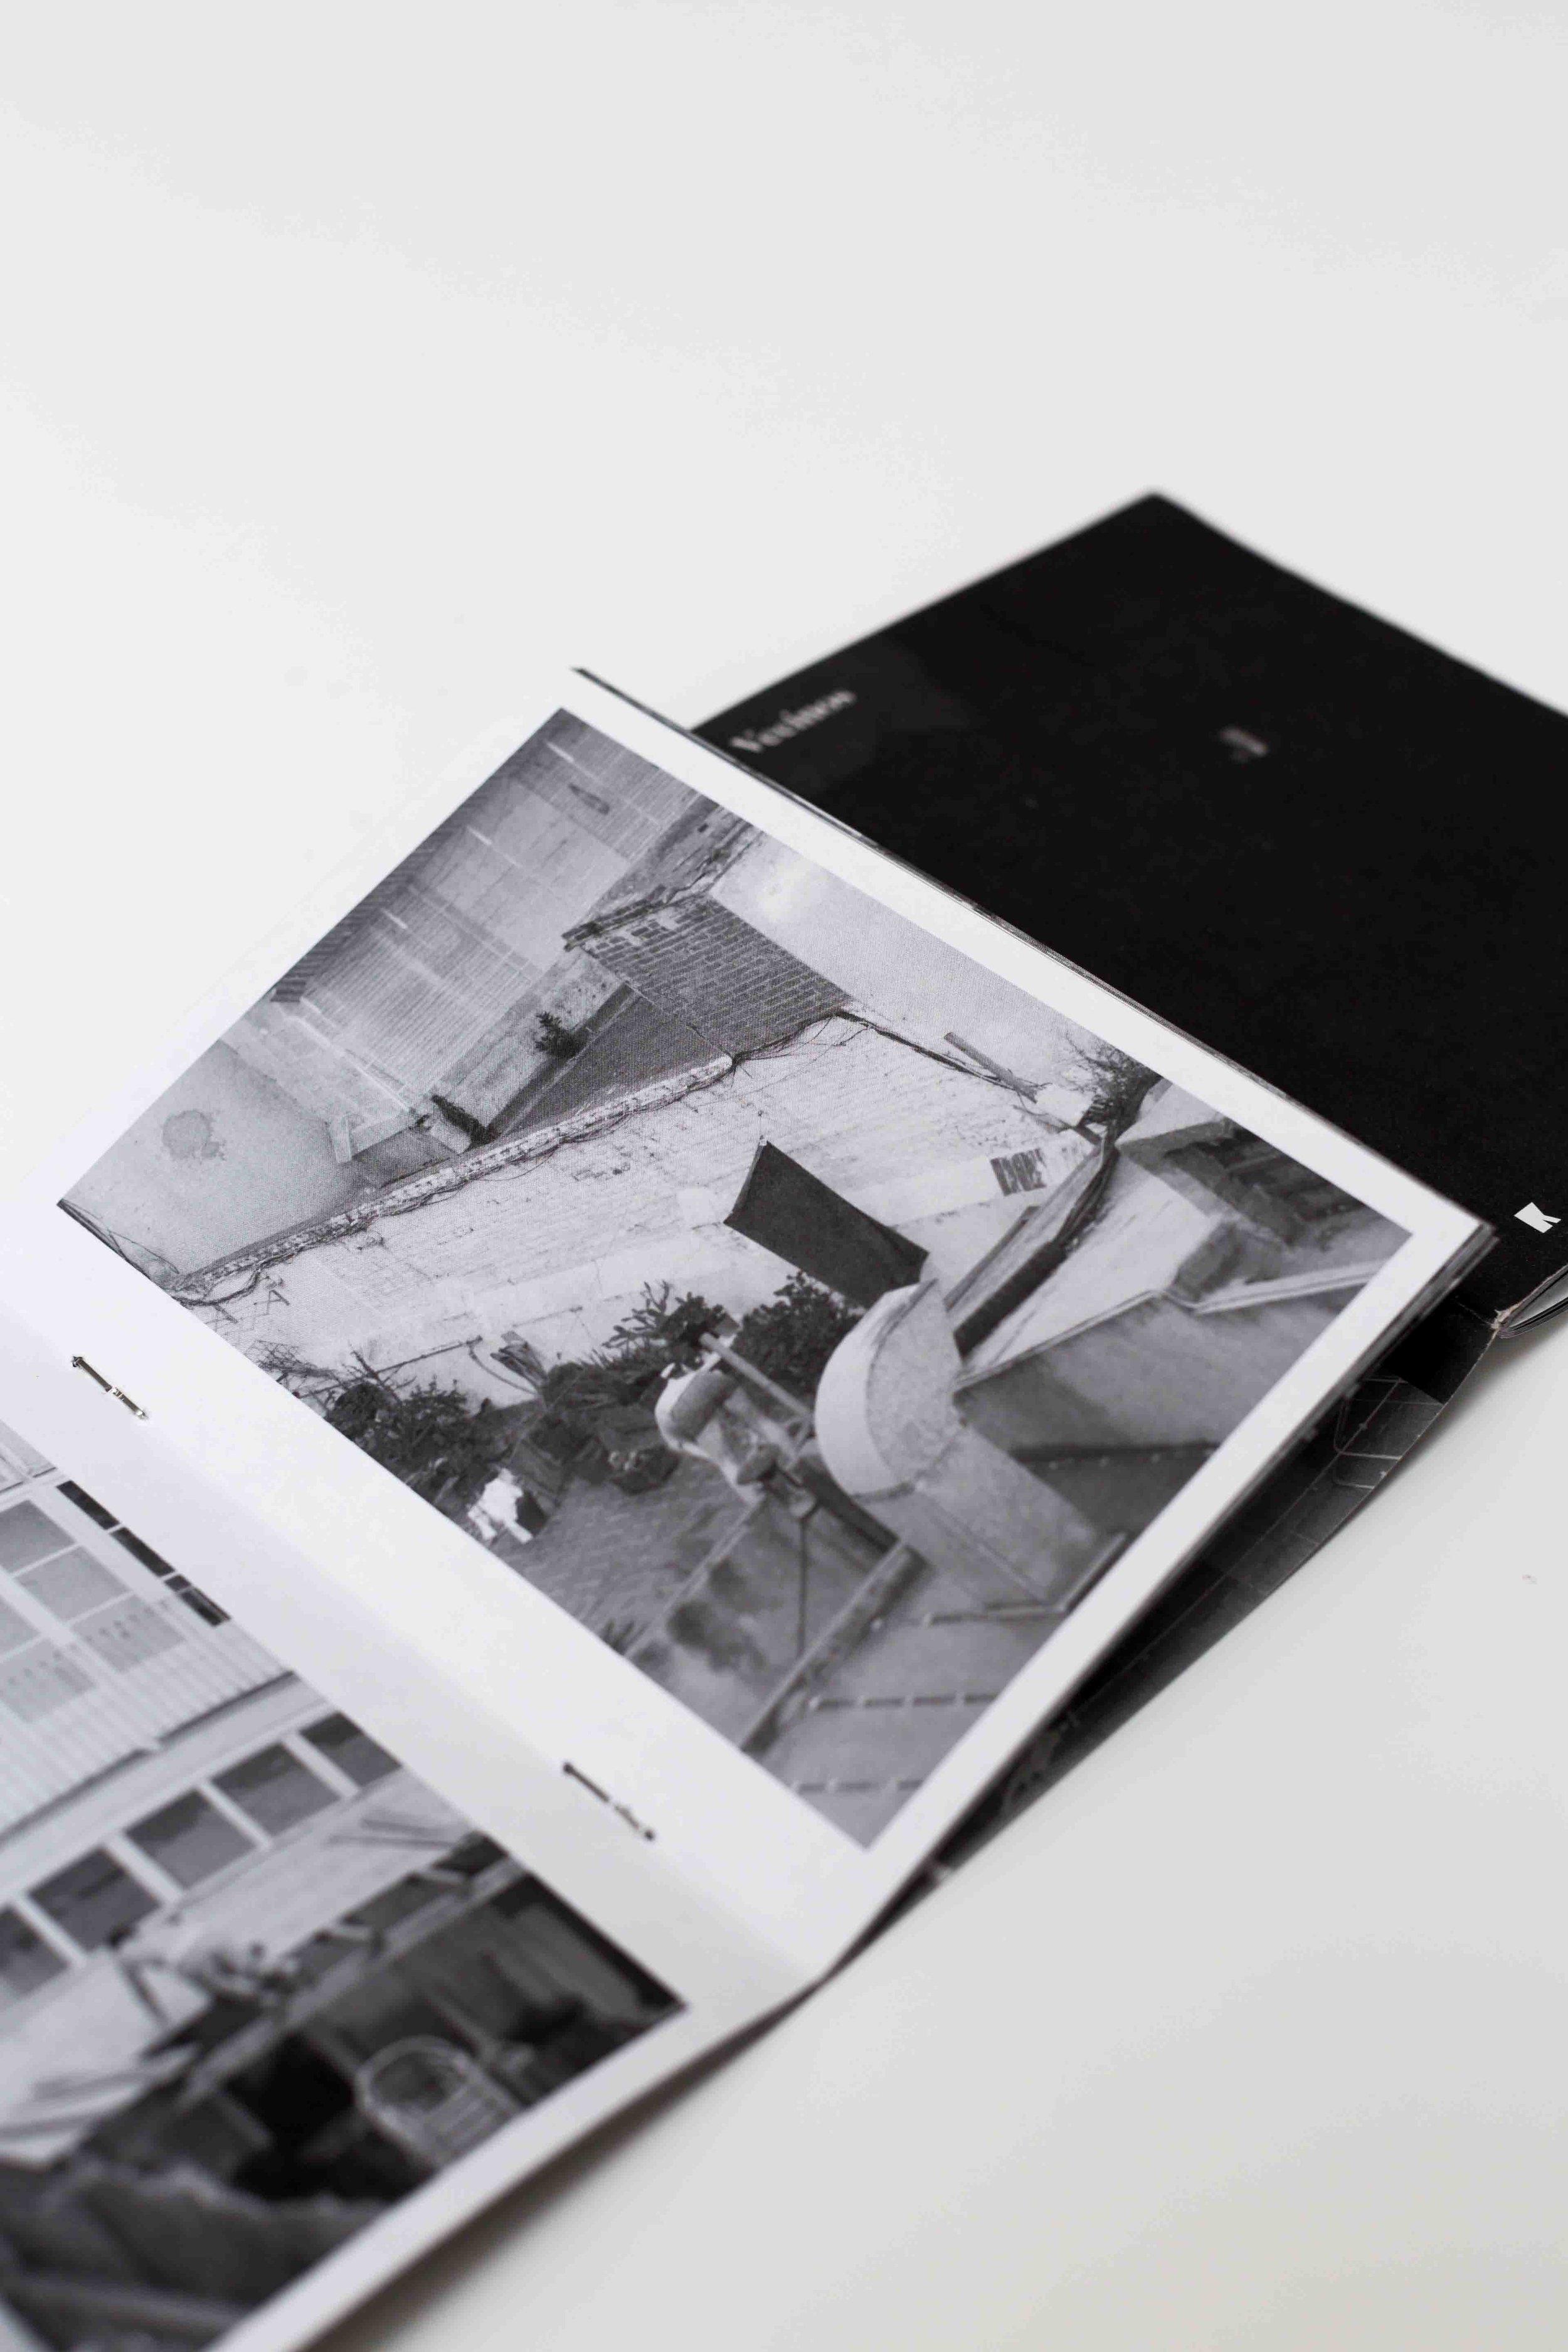 fotolibros colombianos- 13.jpg